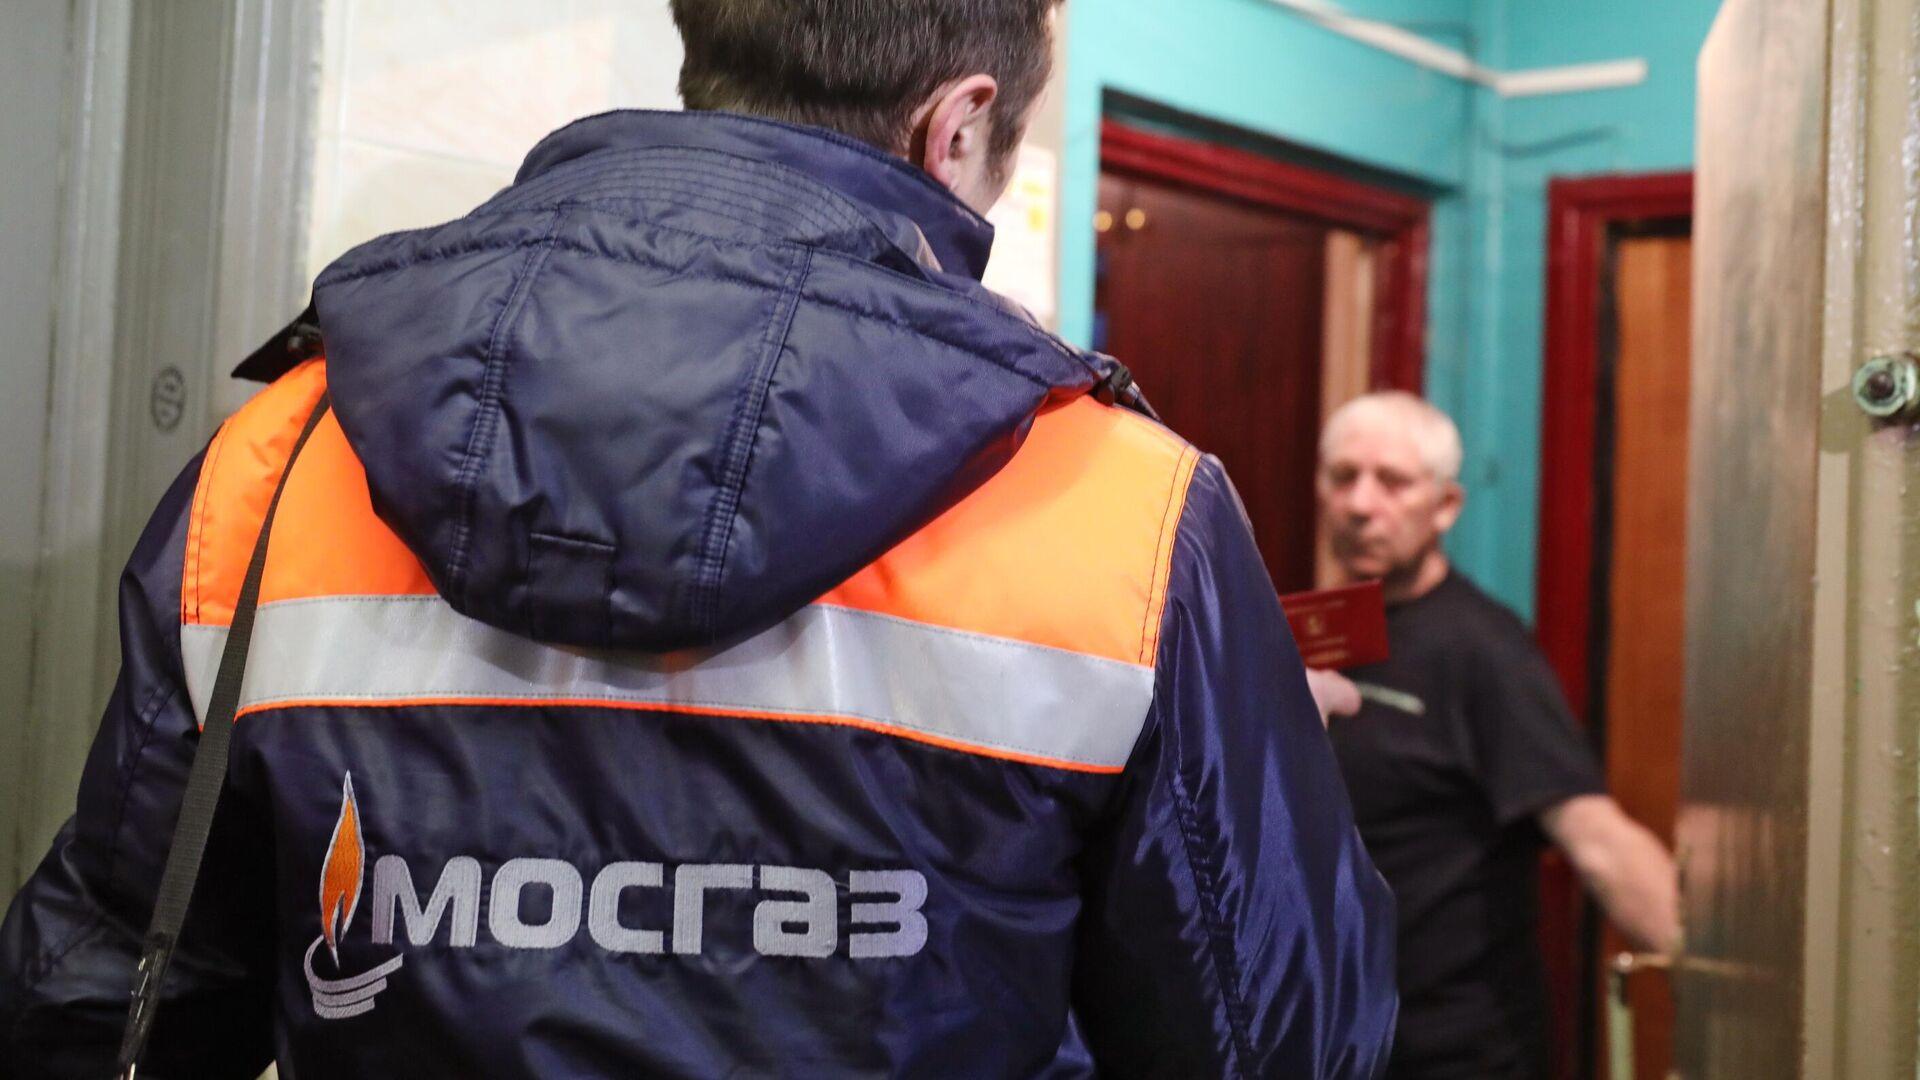 Проверка газового оборудования в жилых домах  - РИА Новости, 1920, 05.03.2021